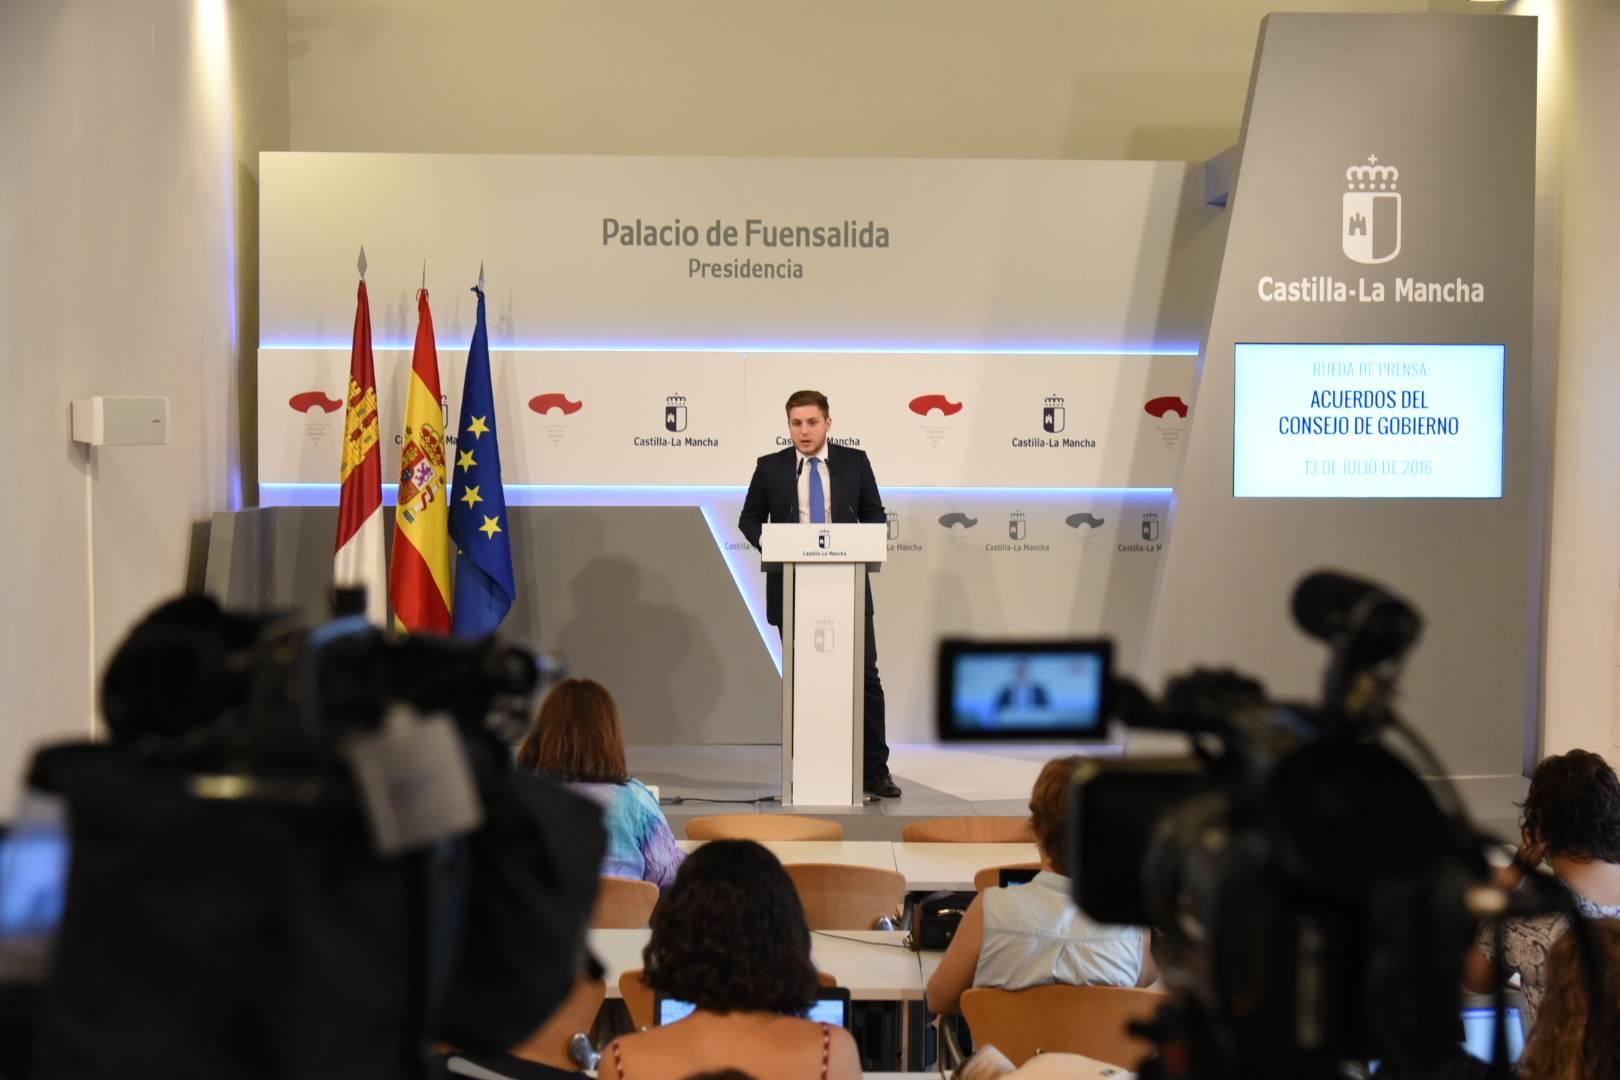 Nacho Hernando informa de los acuerdos del Consejo de Gobierno 13 julio 2016 - 2,1 millones de euros para mejorar la CM-3165